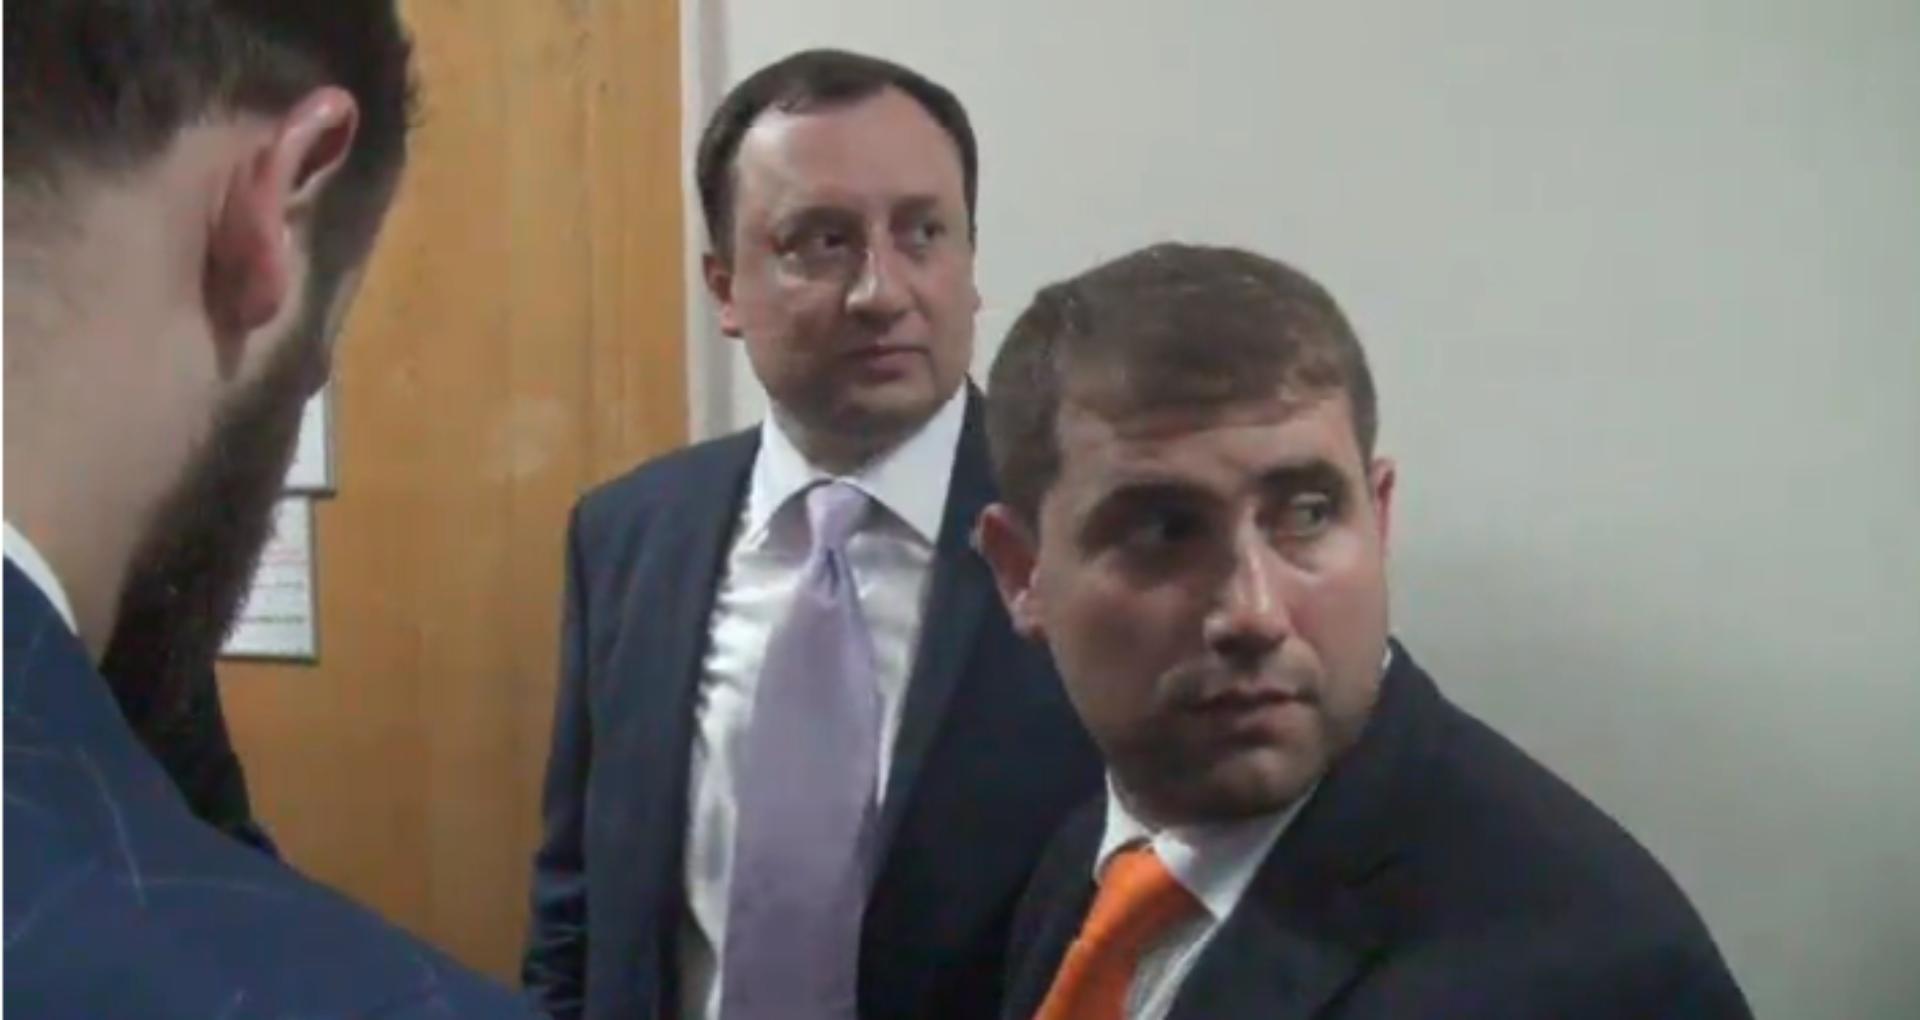 Alți doi judecători de la Curtea de Apel Chișinău refuză să examineze dosarul Șor. Care este motivul și ce urmează